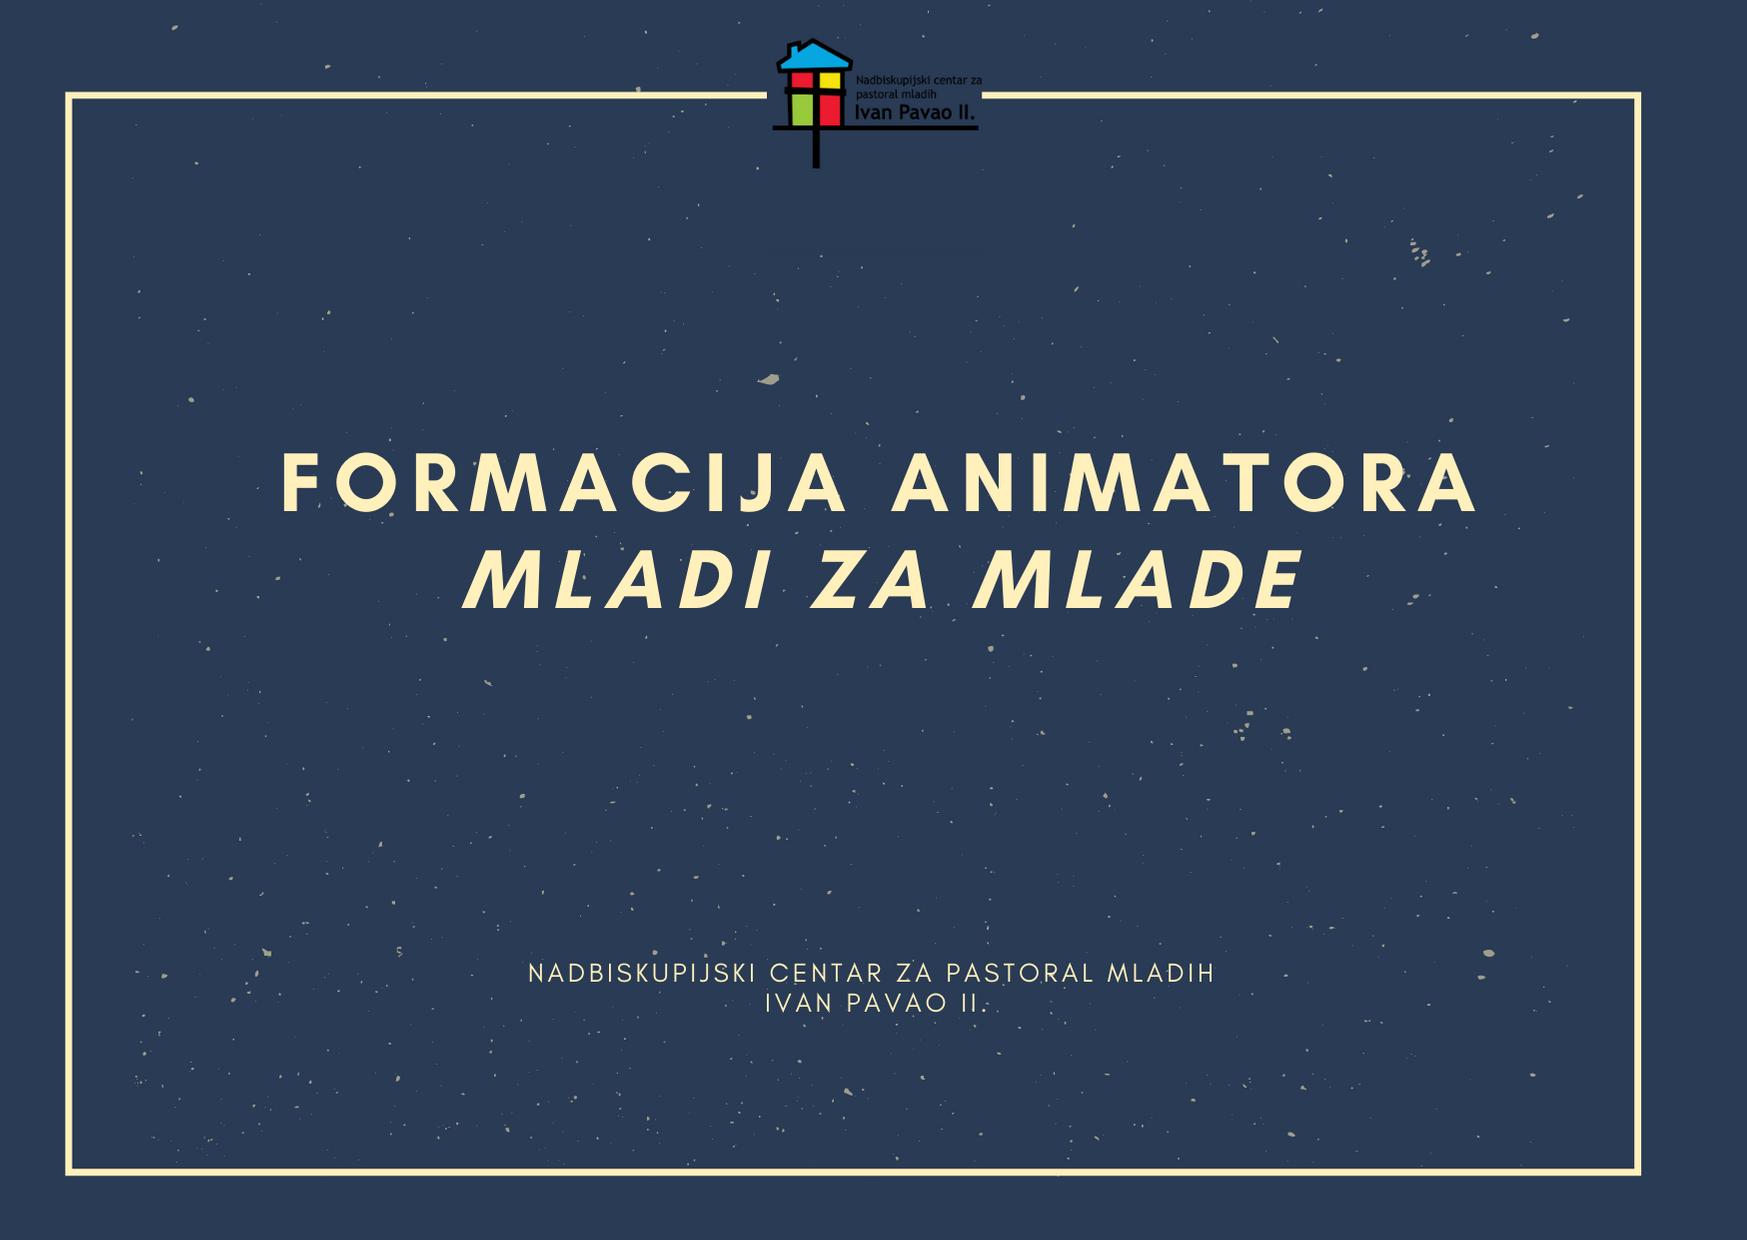 Formacija animatora- Mladi za mlade